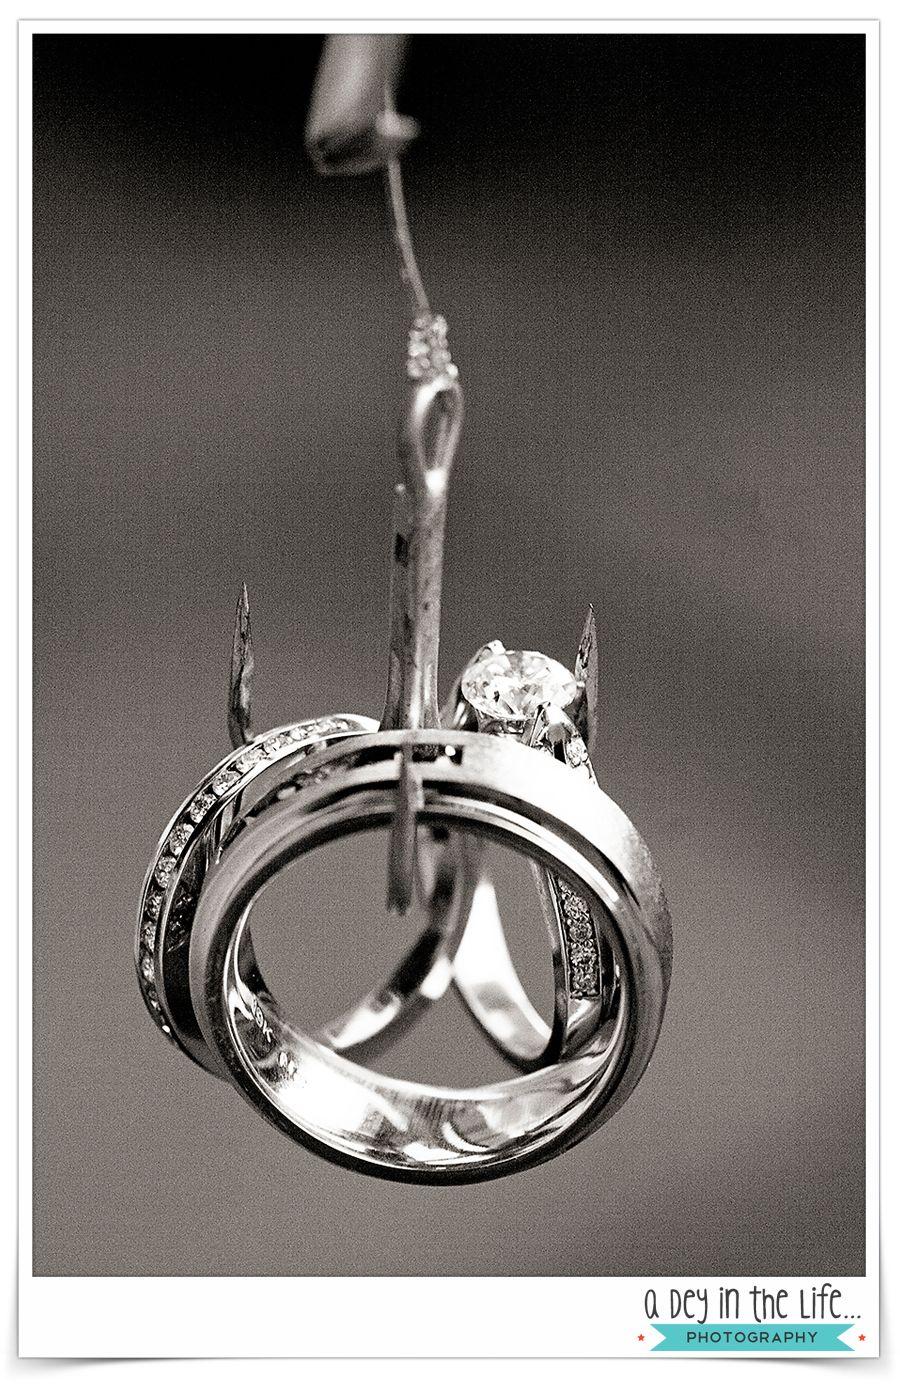 Wedding Ring Fishing Lure Fishing Report Dec 7 2018 Wedding Rings Rings Wedding Engagement Photos